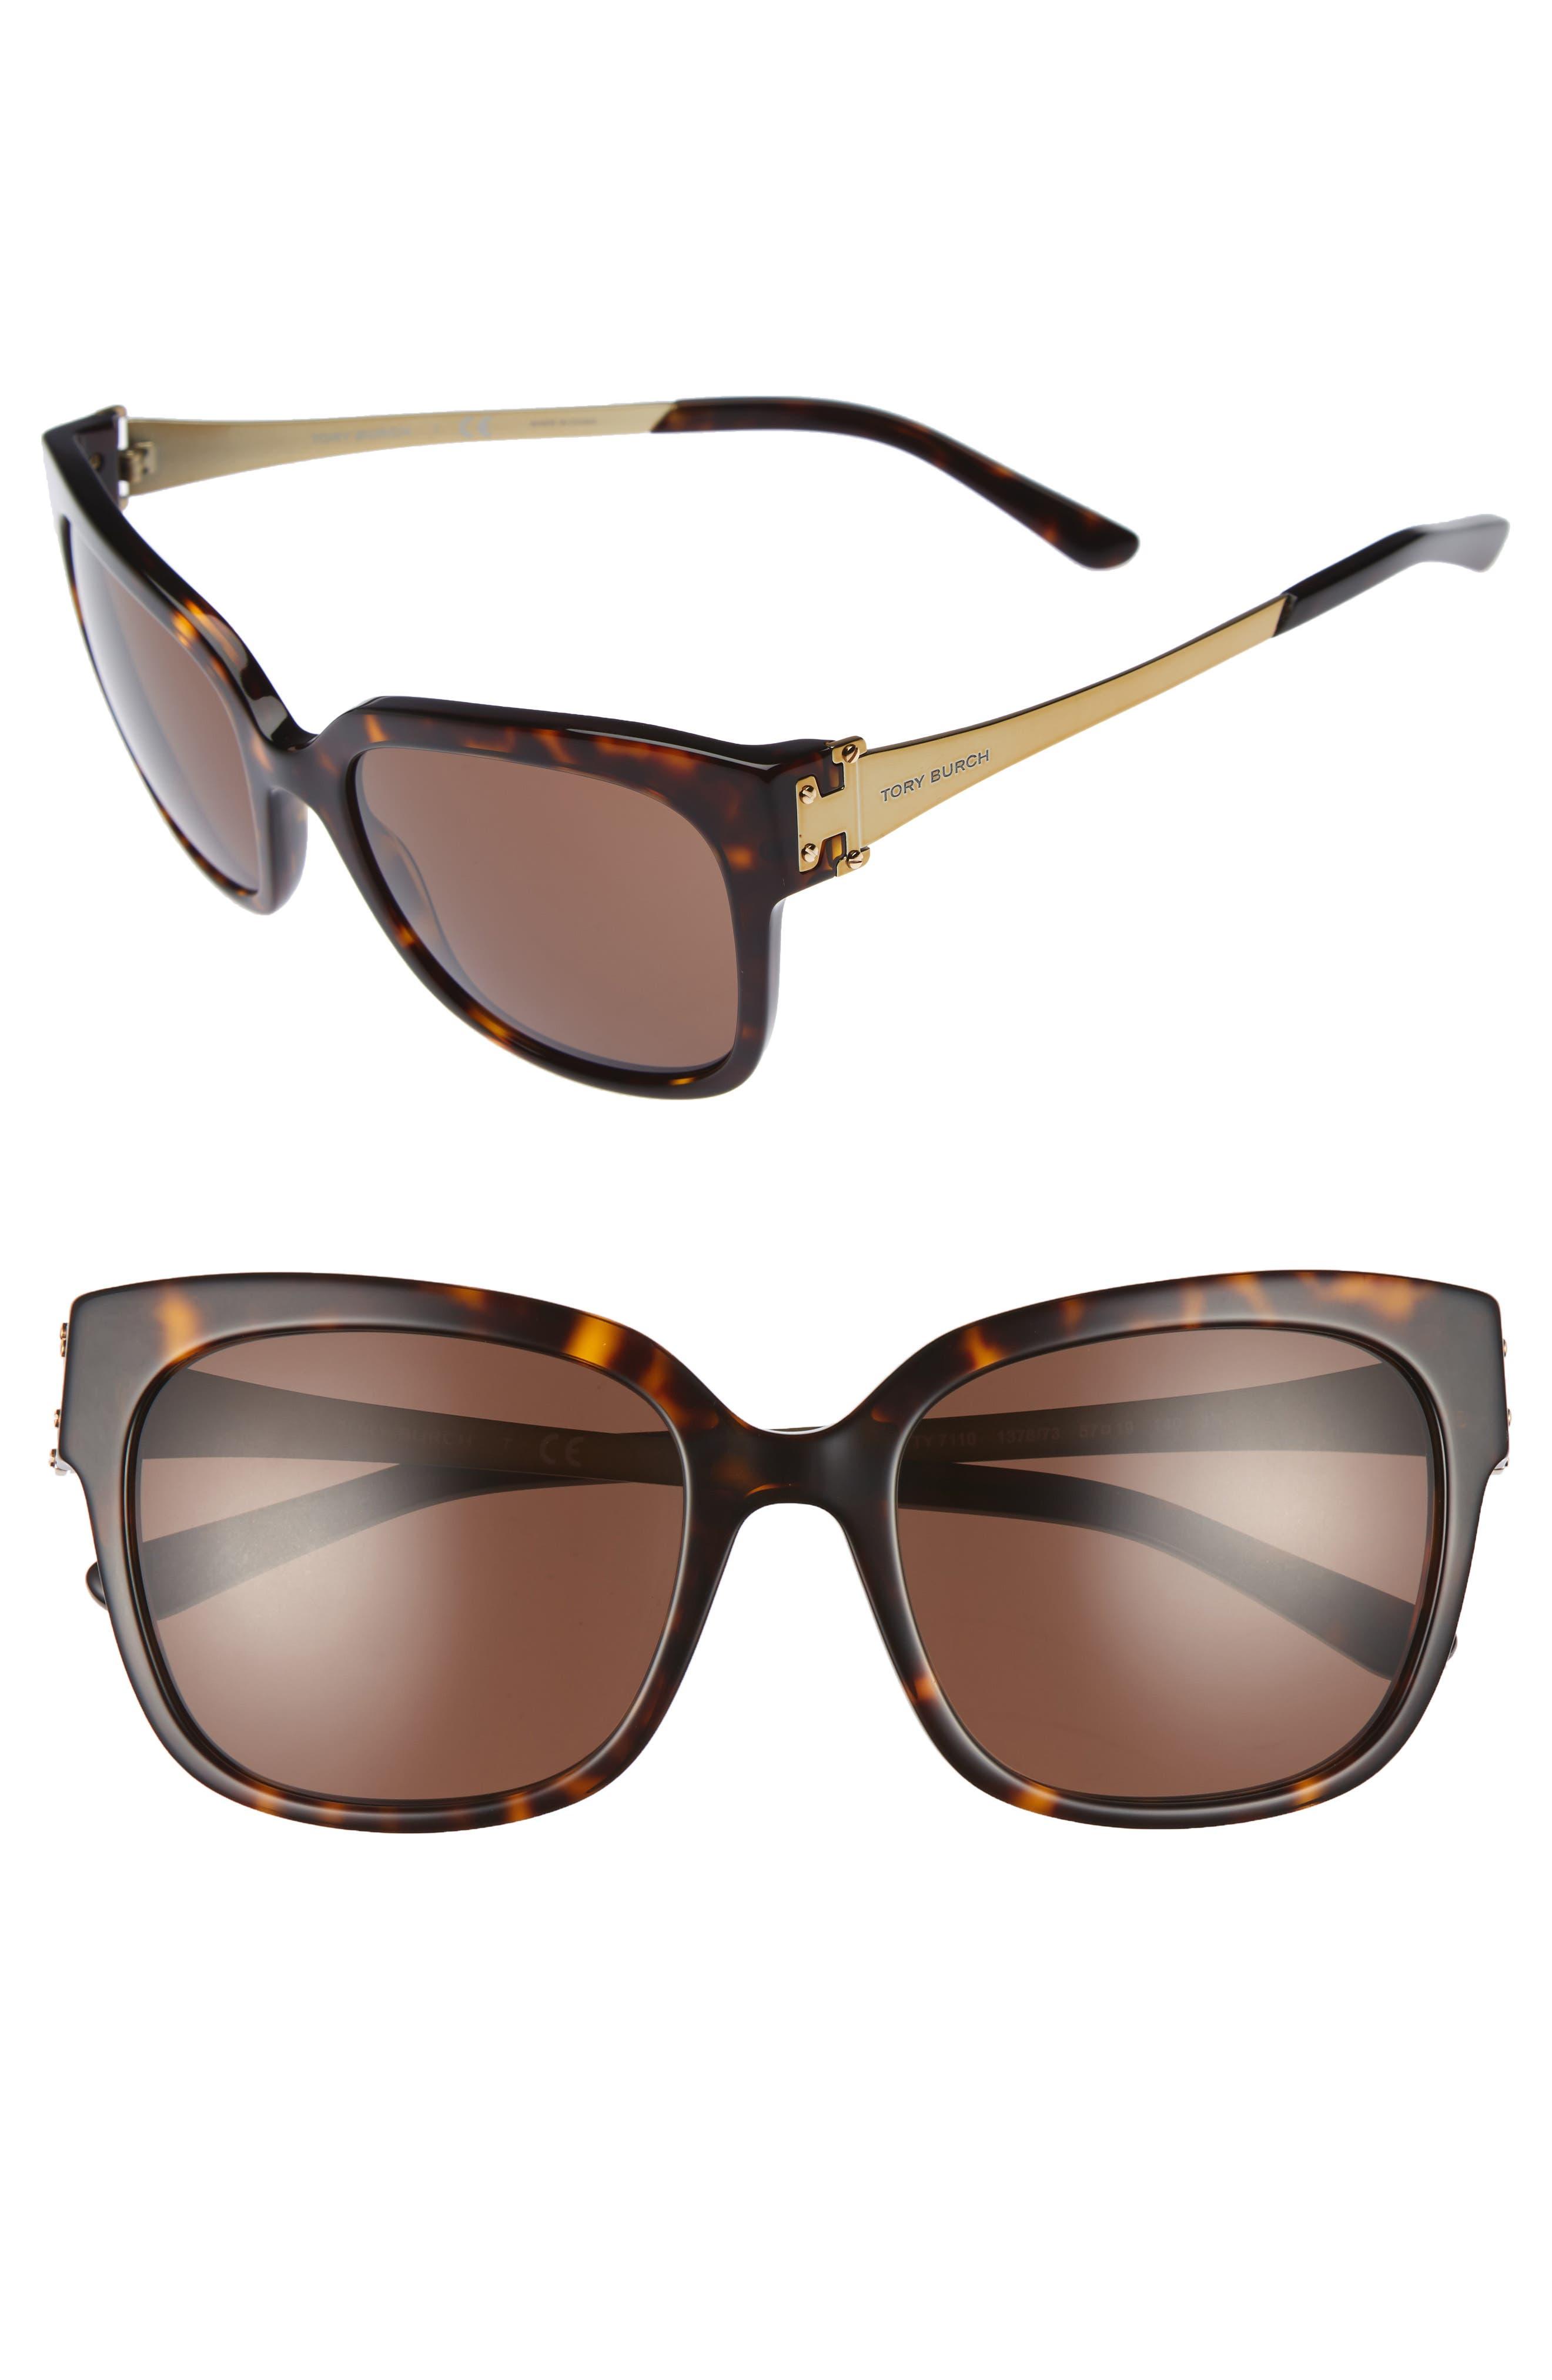 Tory Burch 57mm Sunglasses